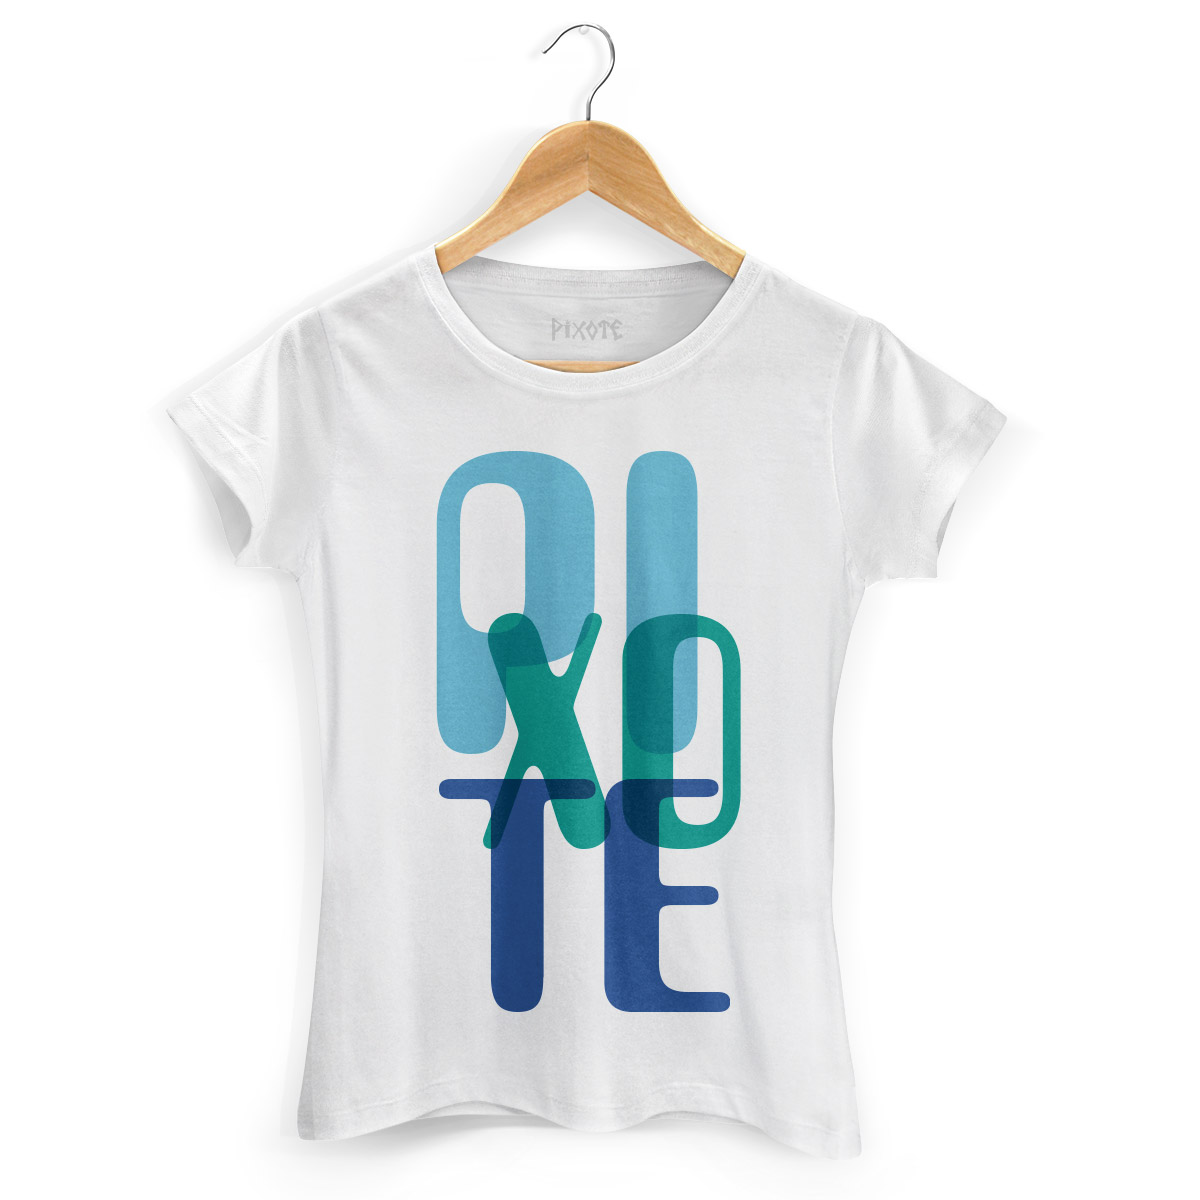 Camiseta Feminina Pixote Blue